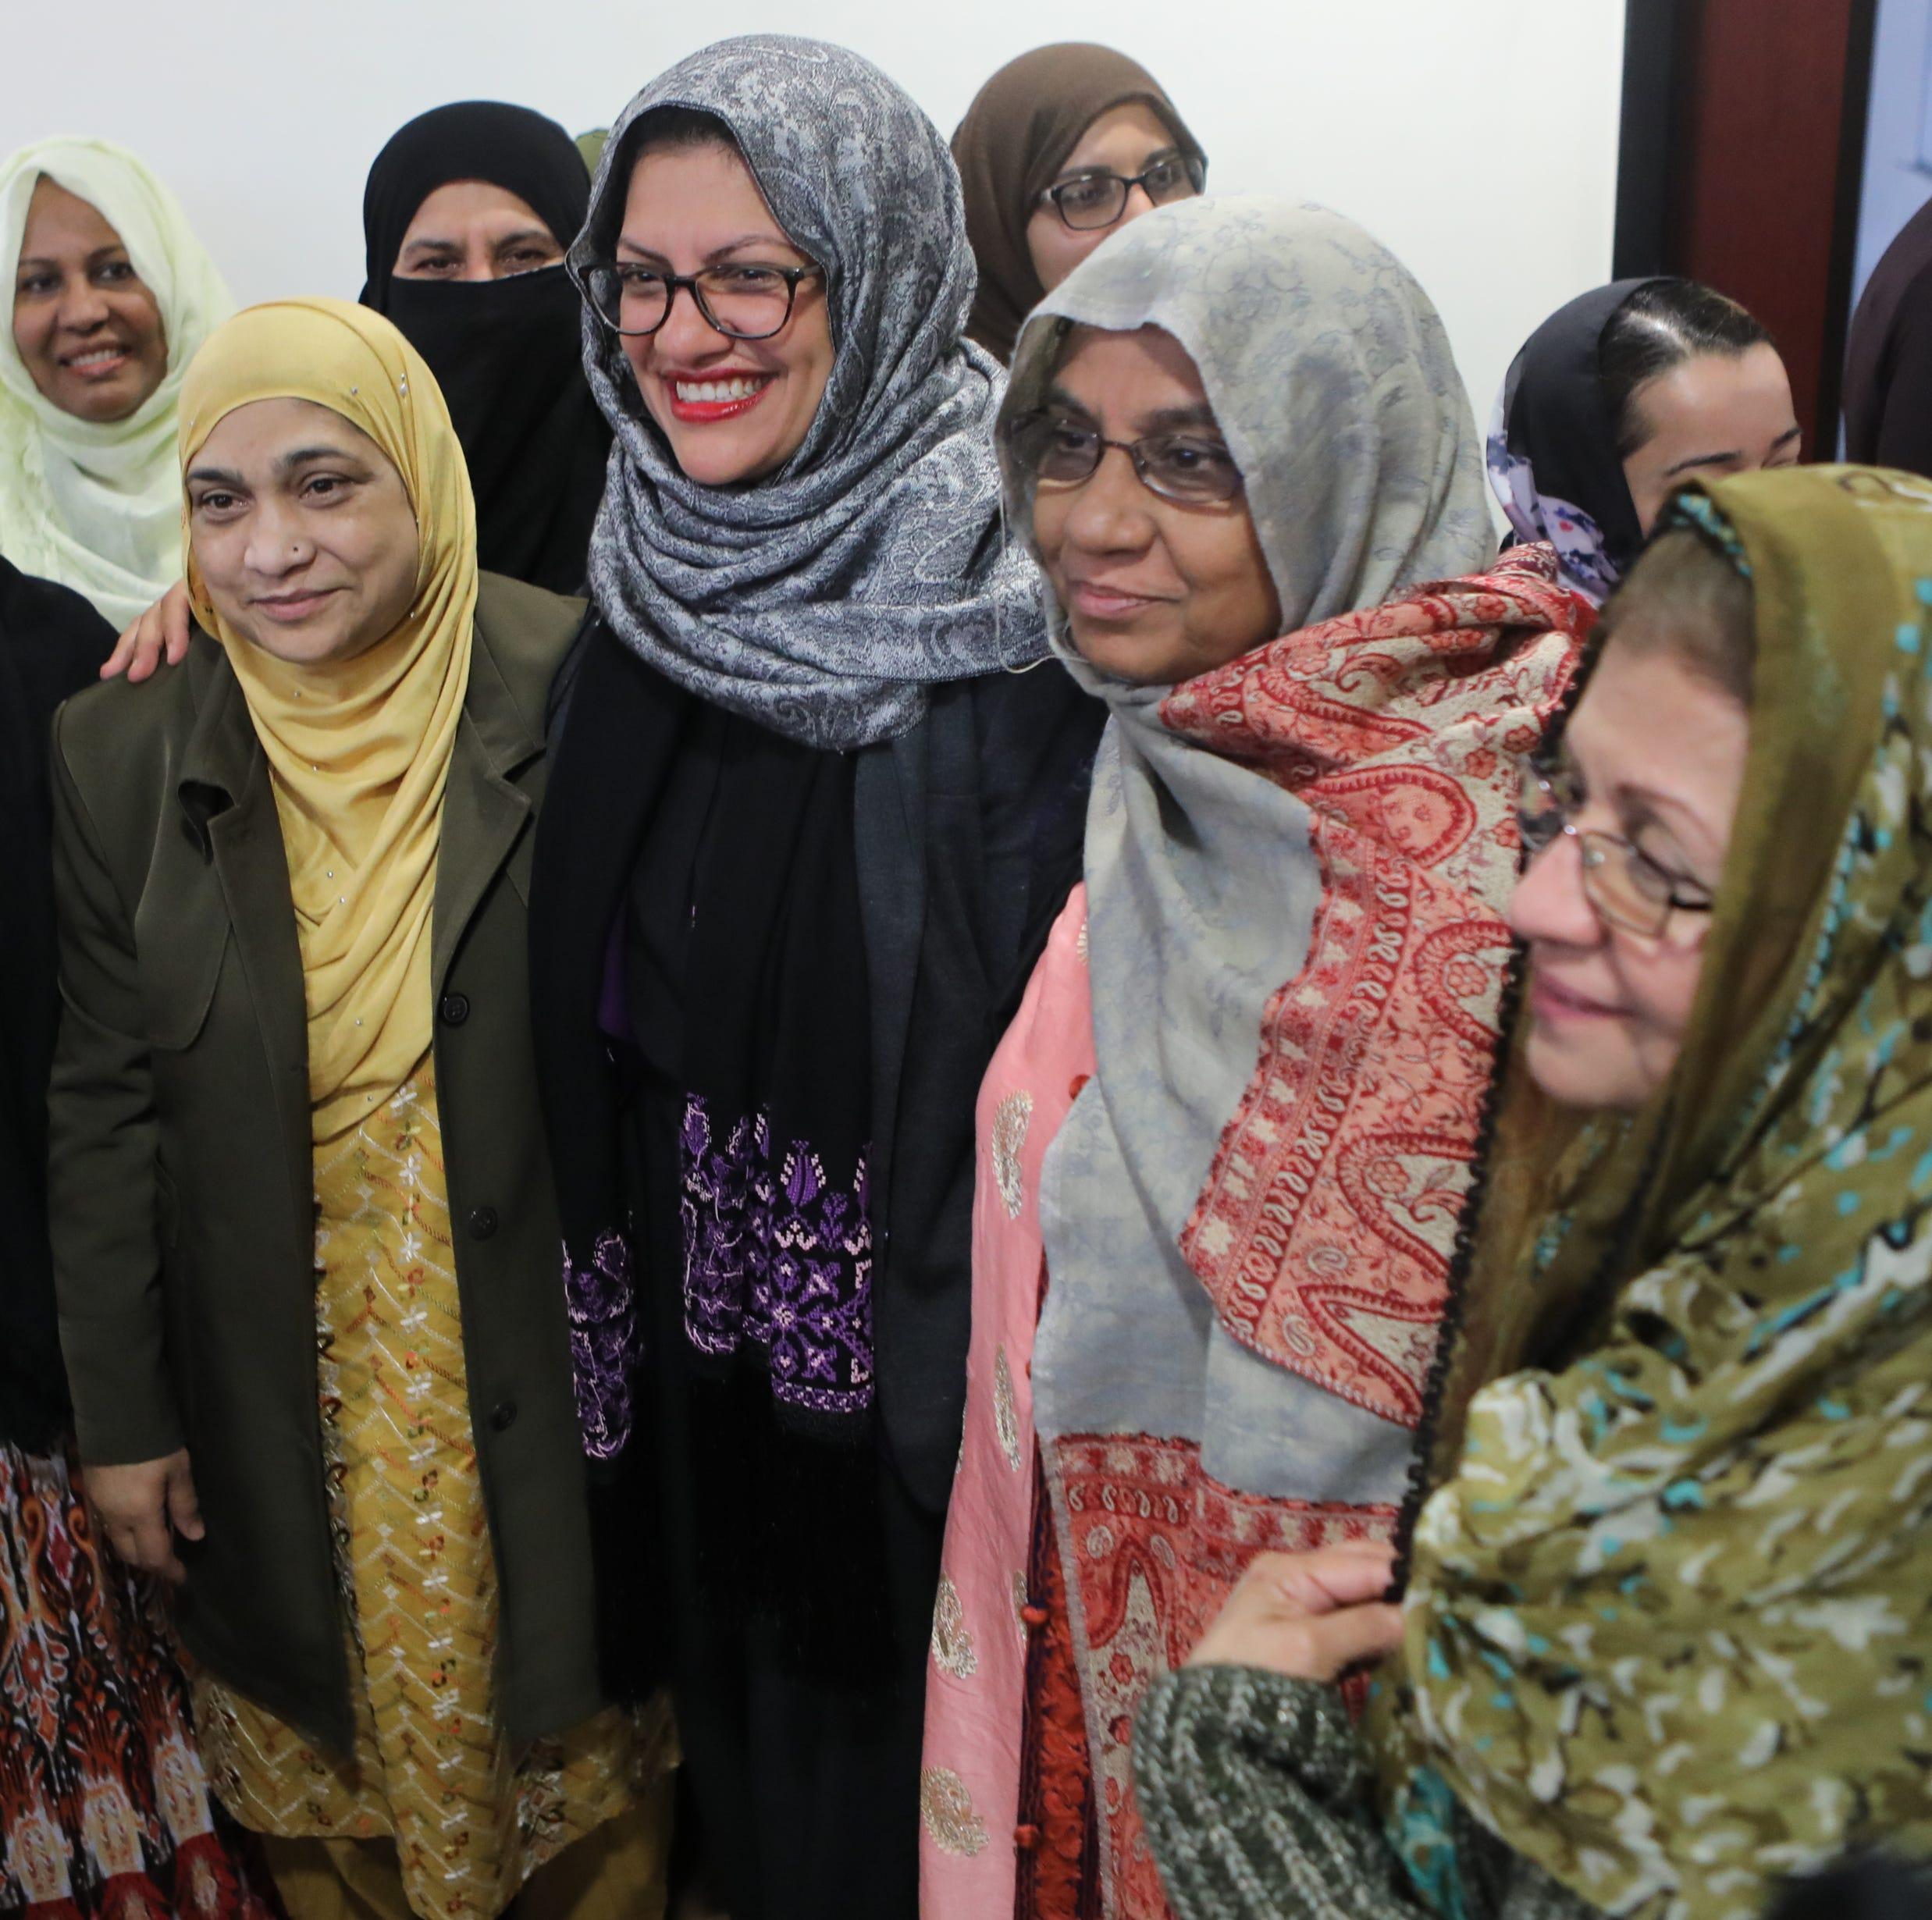 Rep. Rashida Tlaib visits Teaneck mosque on Mother's Day